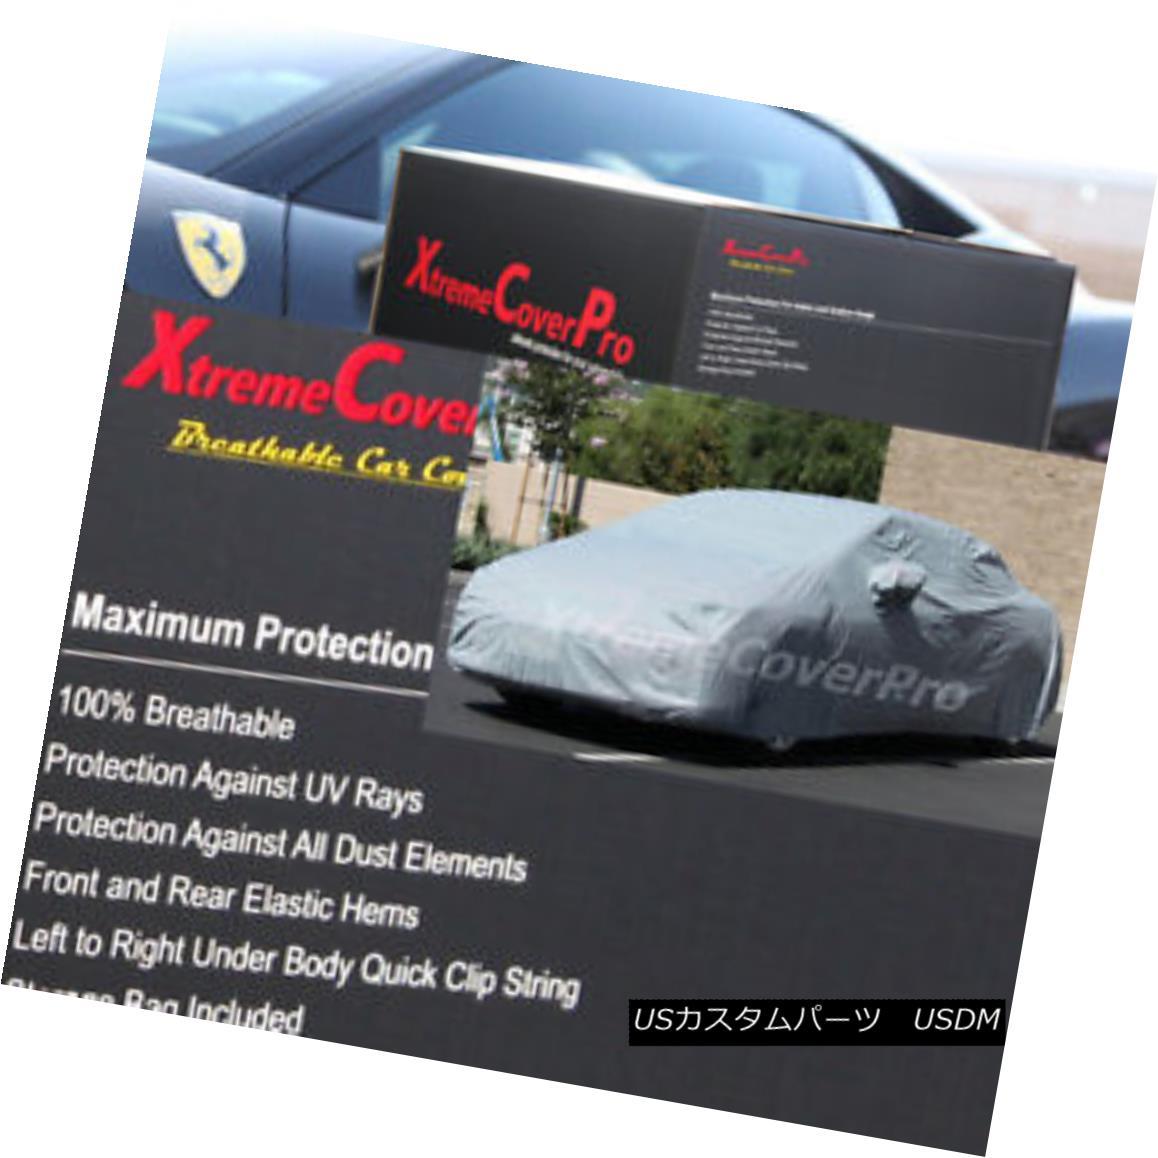 カーカバー 2014 LEXUS GS350 GS450h Breathable Car Cover w/ Mirror Pocket 2014年レクサスGS350 GS450h通気性の車カバー(ミラーポケット付)